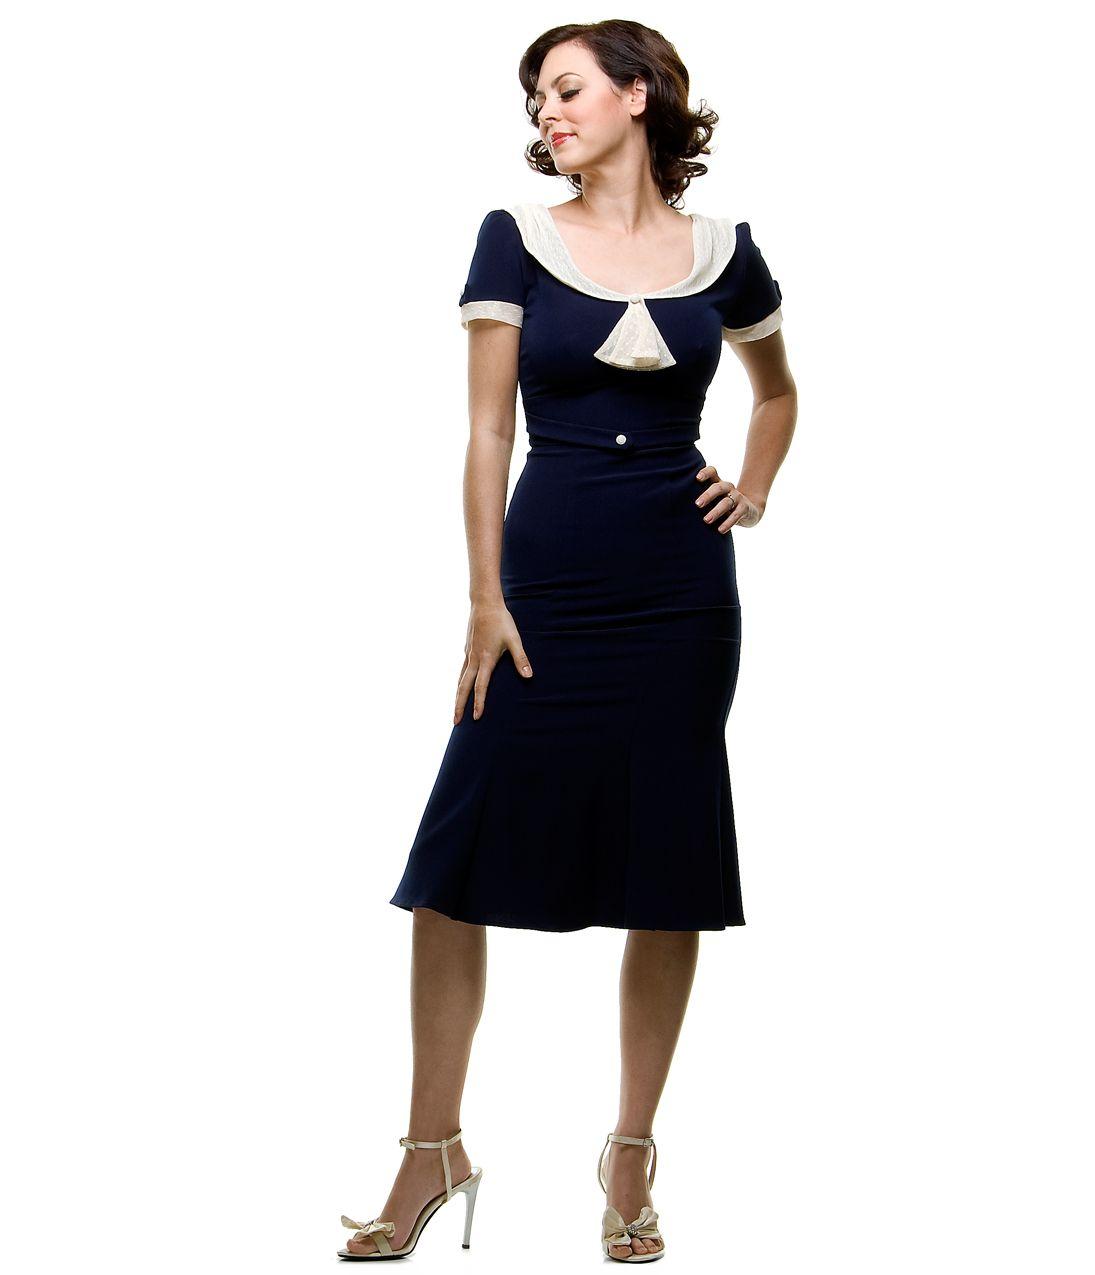 Best seller stop staring s style navy ivory railene dress